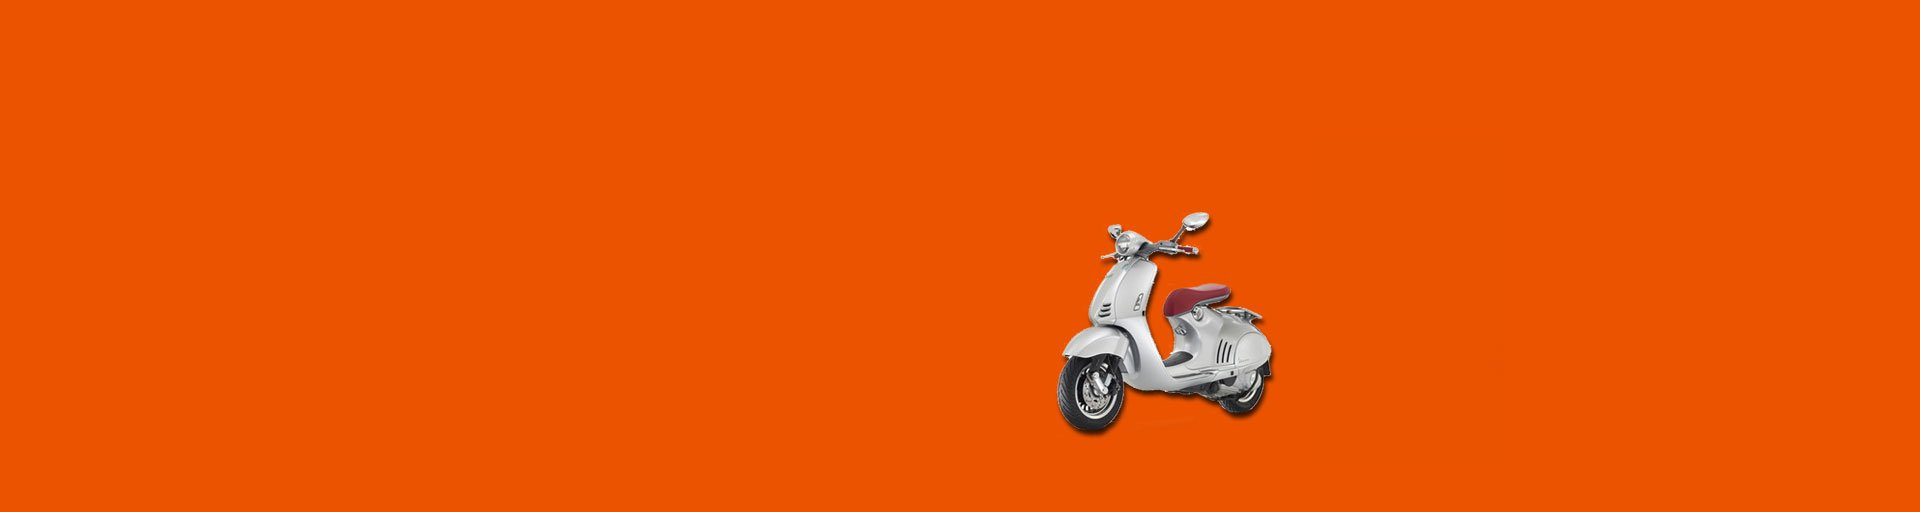 scooter verpanden